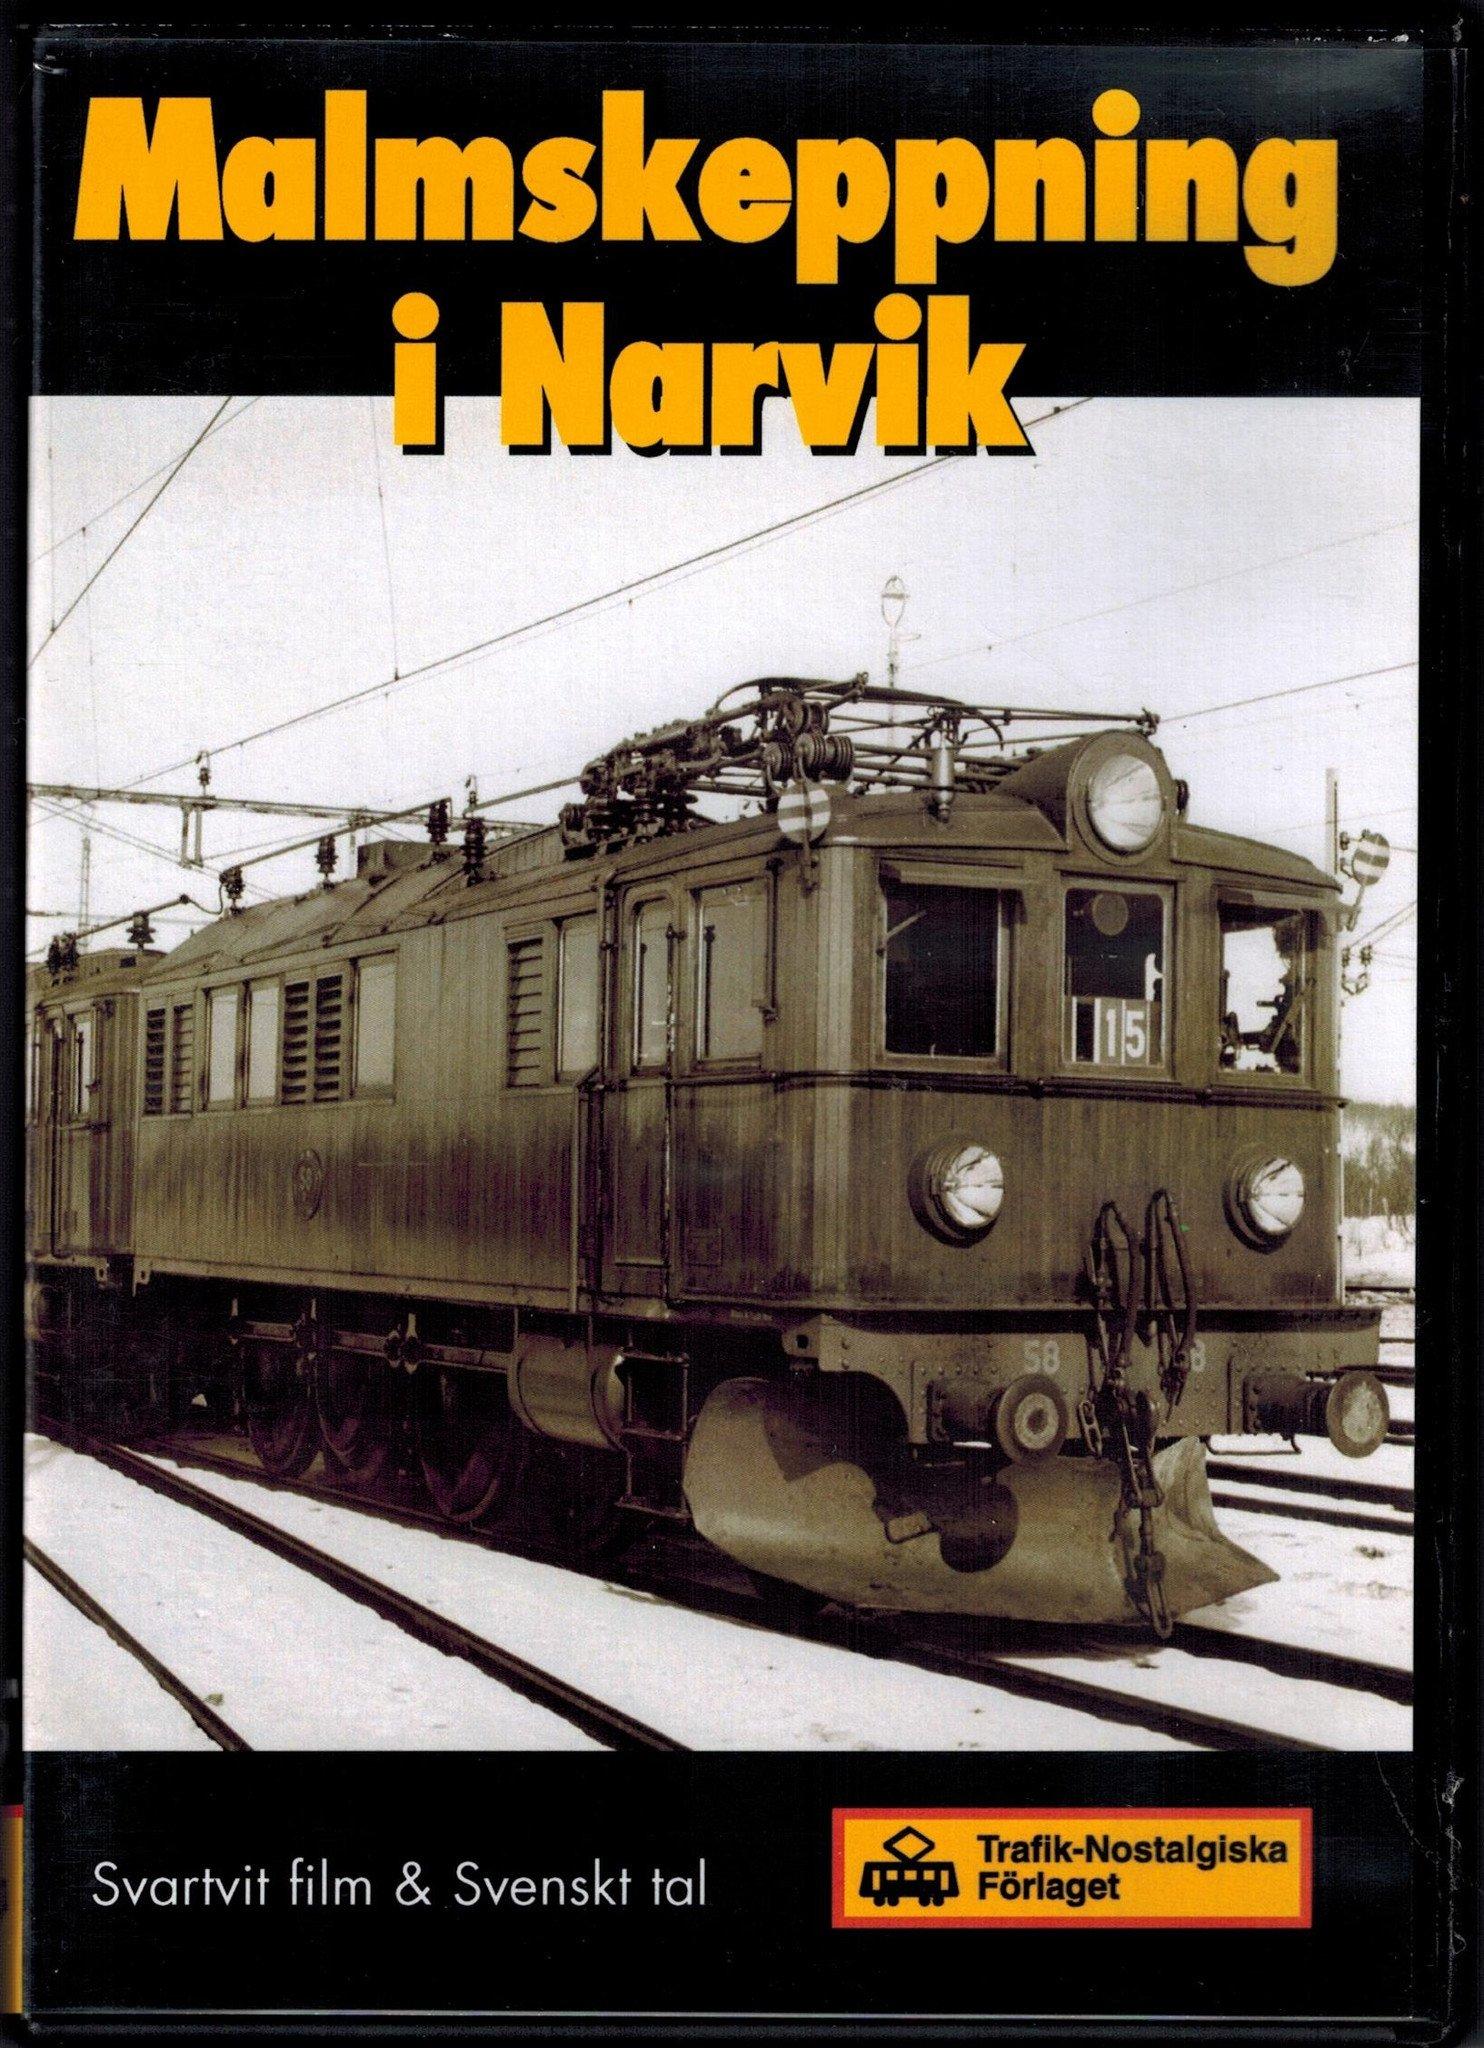 Malmskeppning i Narvik